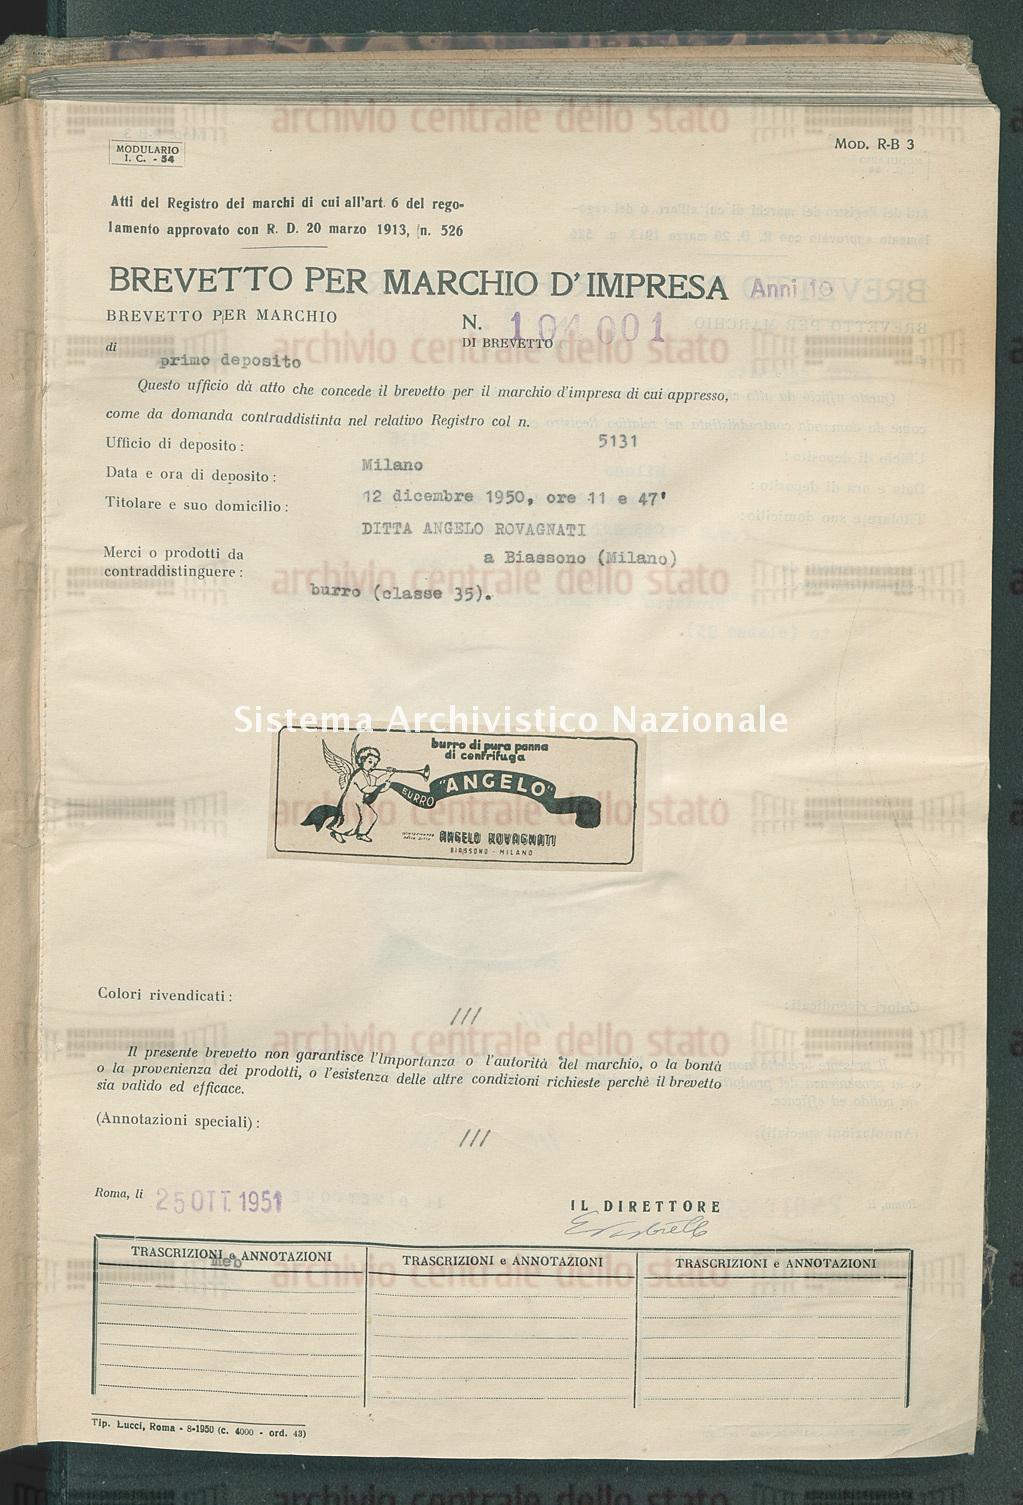 Burro Ditta Angelo Rovagnati (25/10/1951)